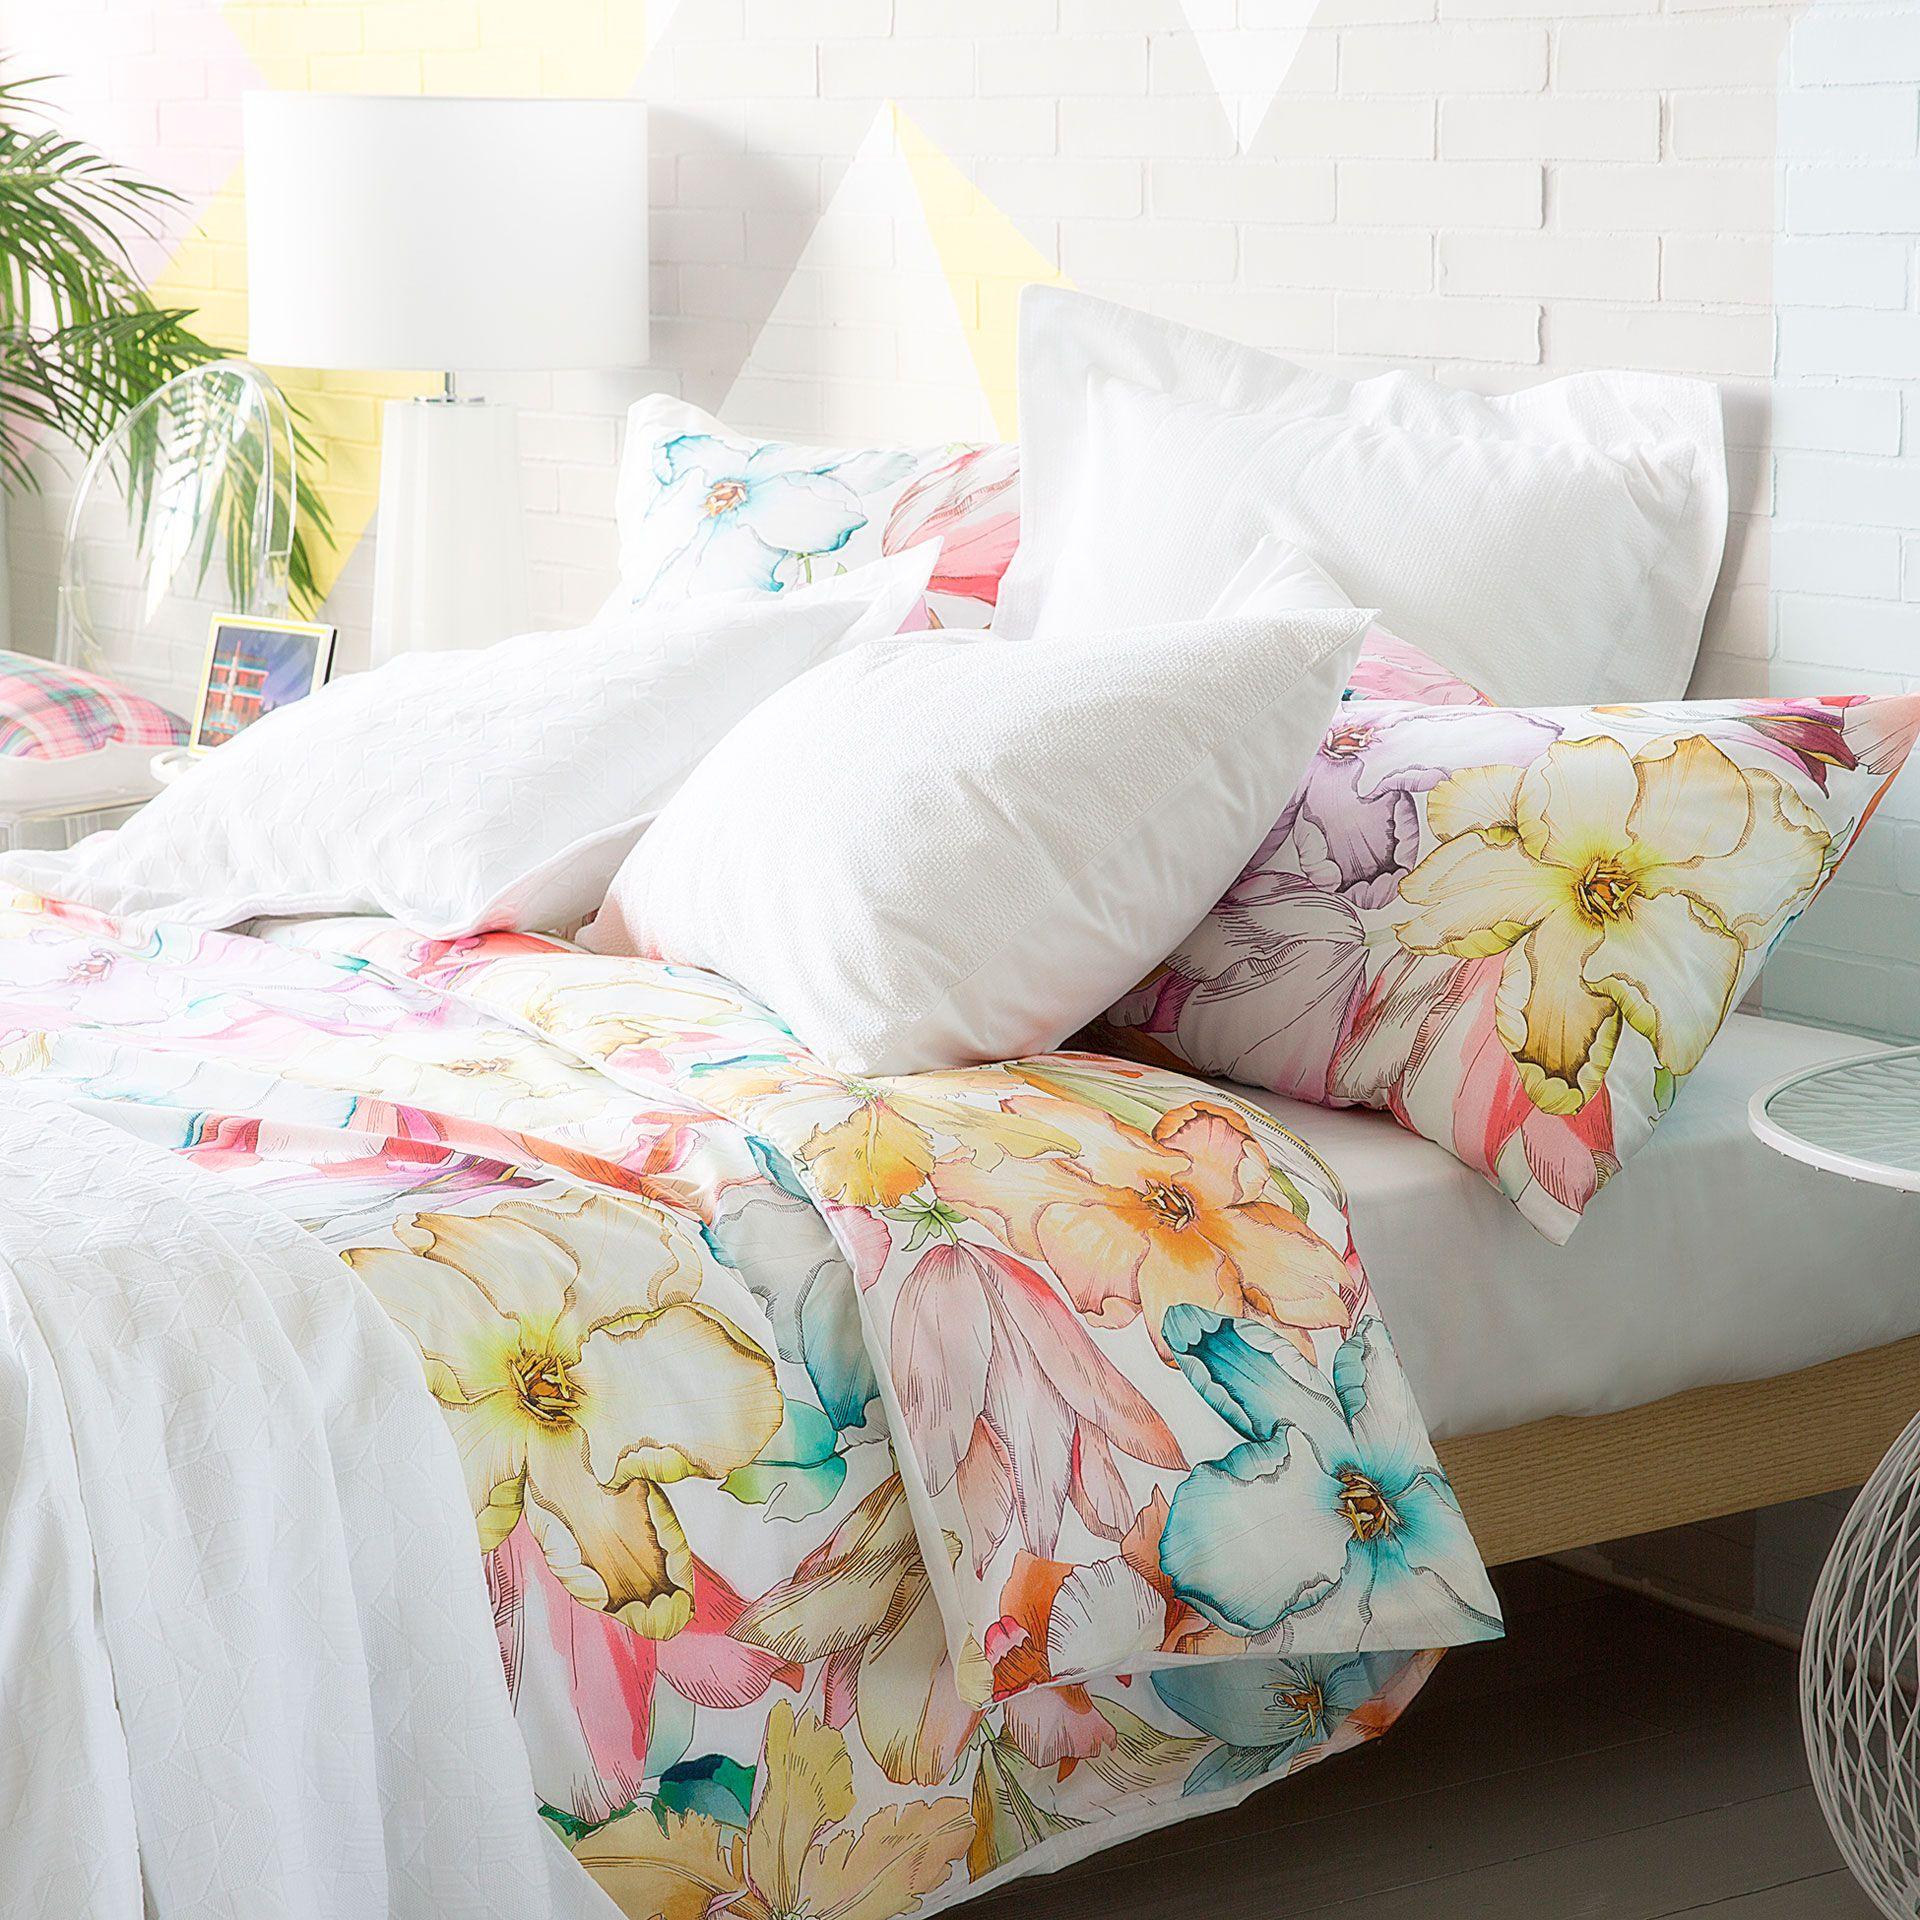 Bettwasche Mit Aquarellblumen